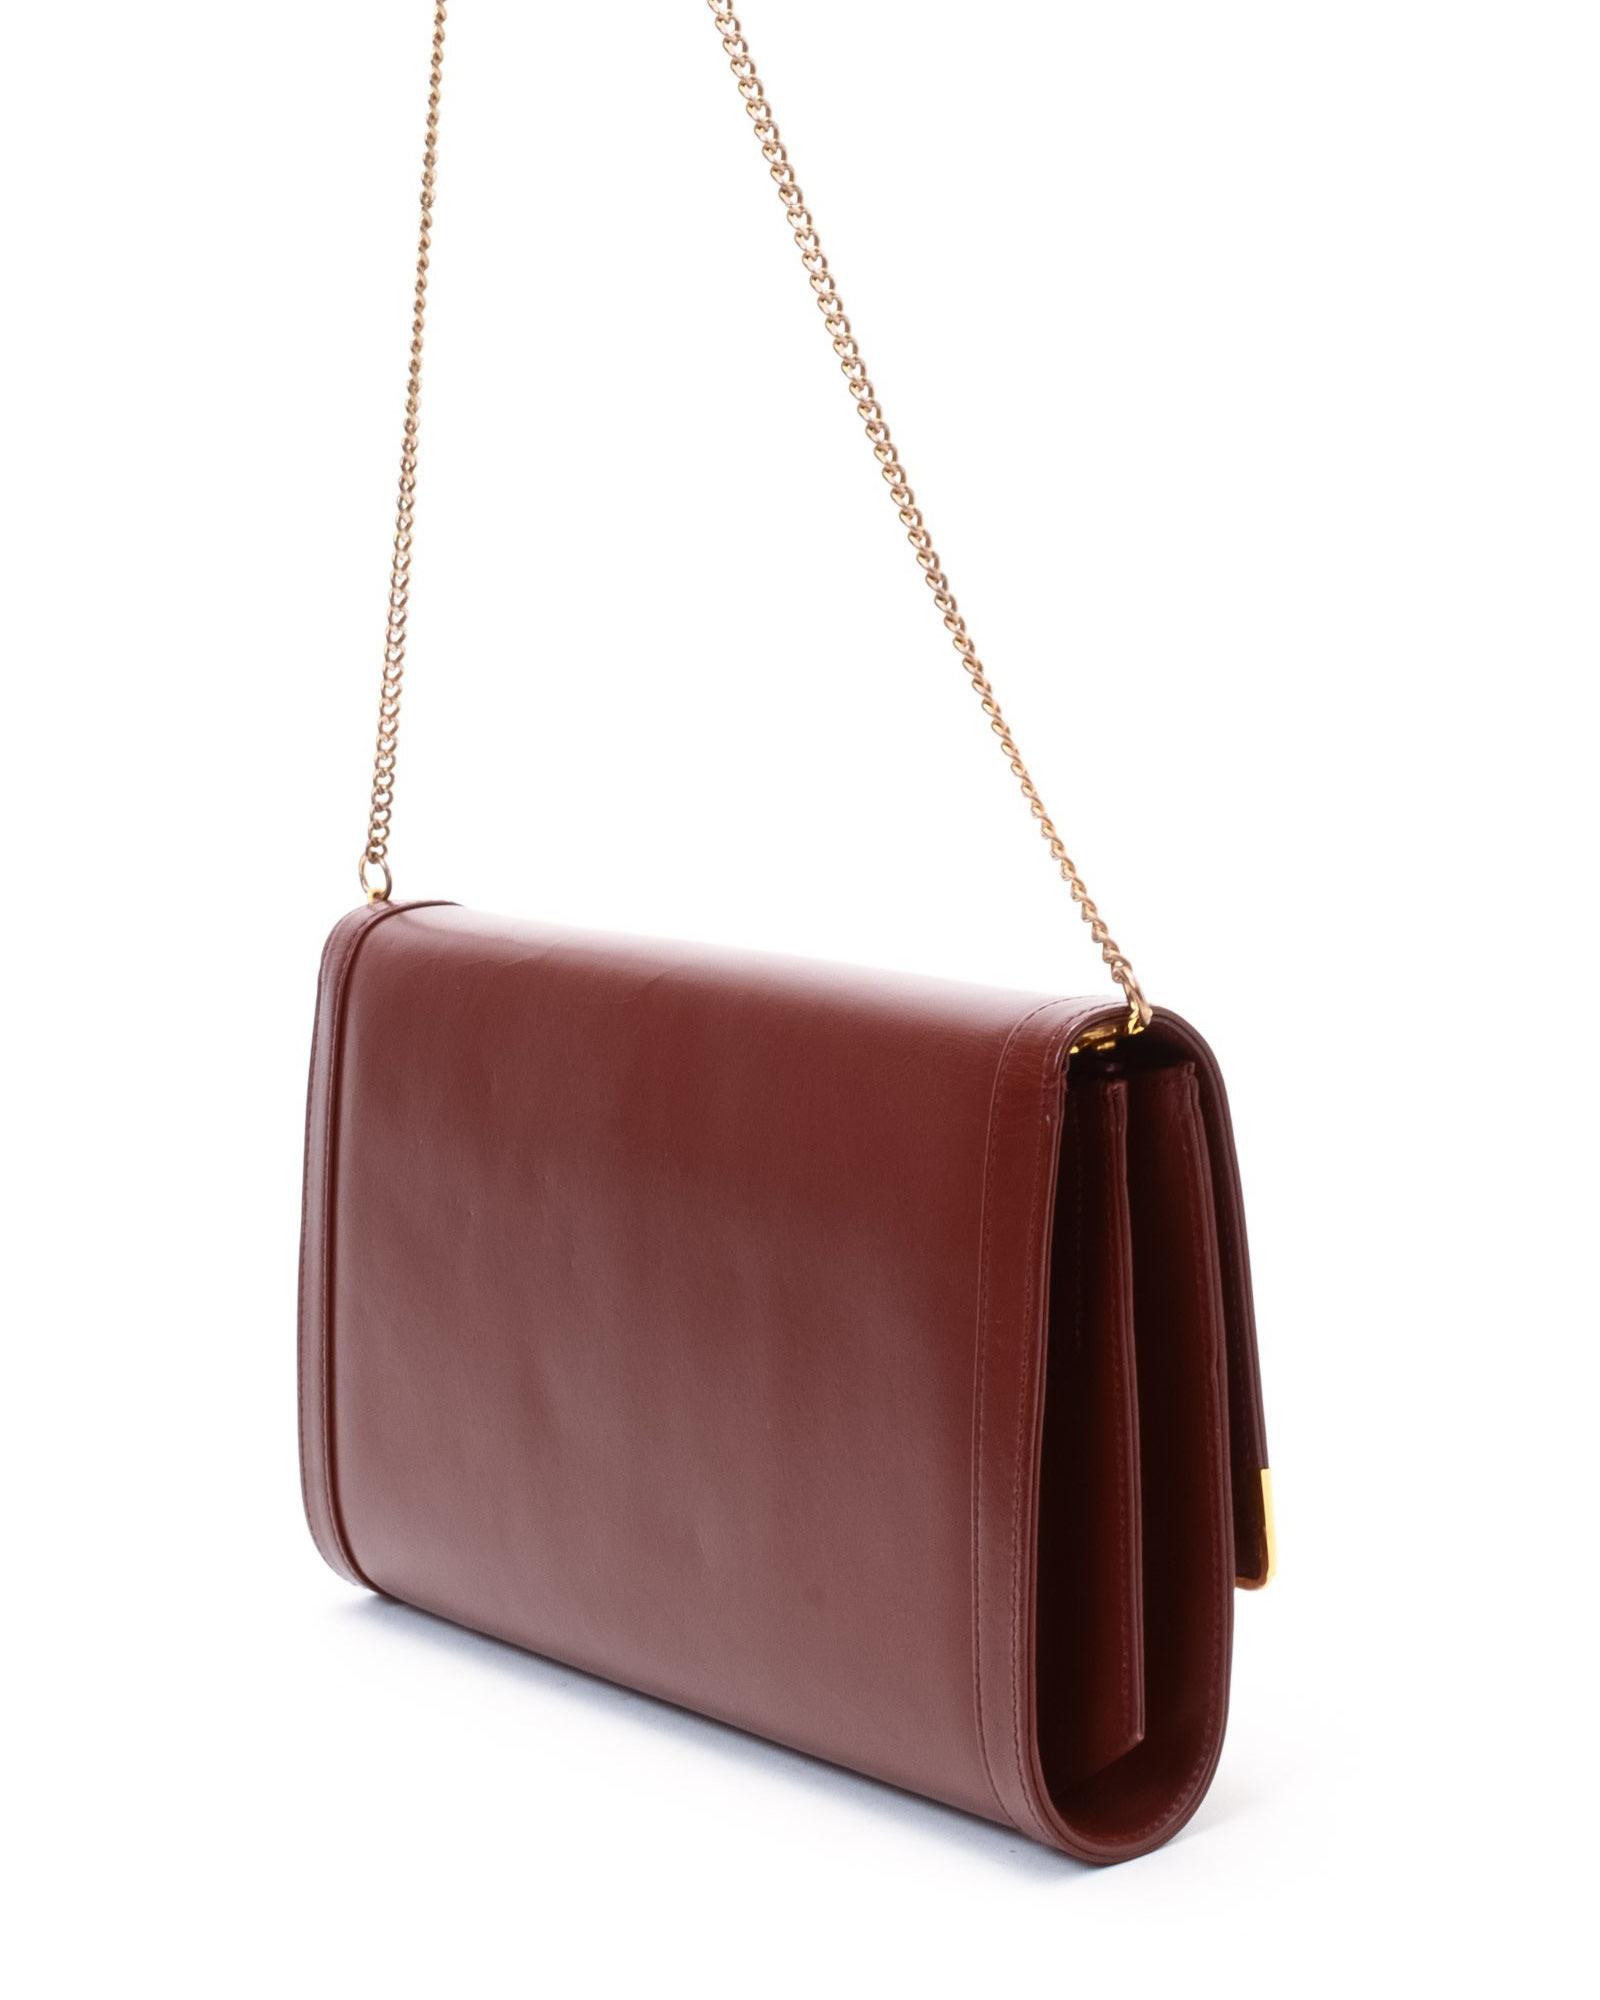 Cartier Vintage Shoulder Bag Leather Travel Bags